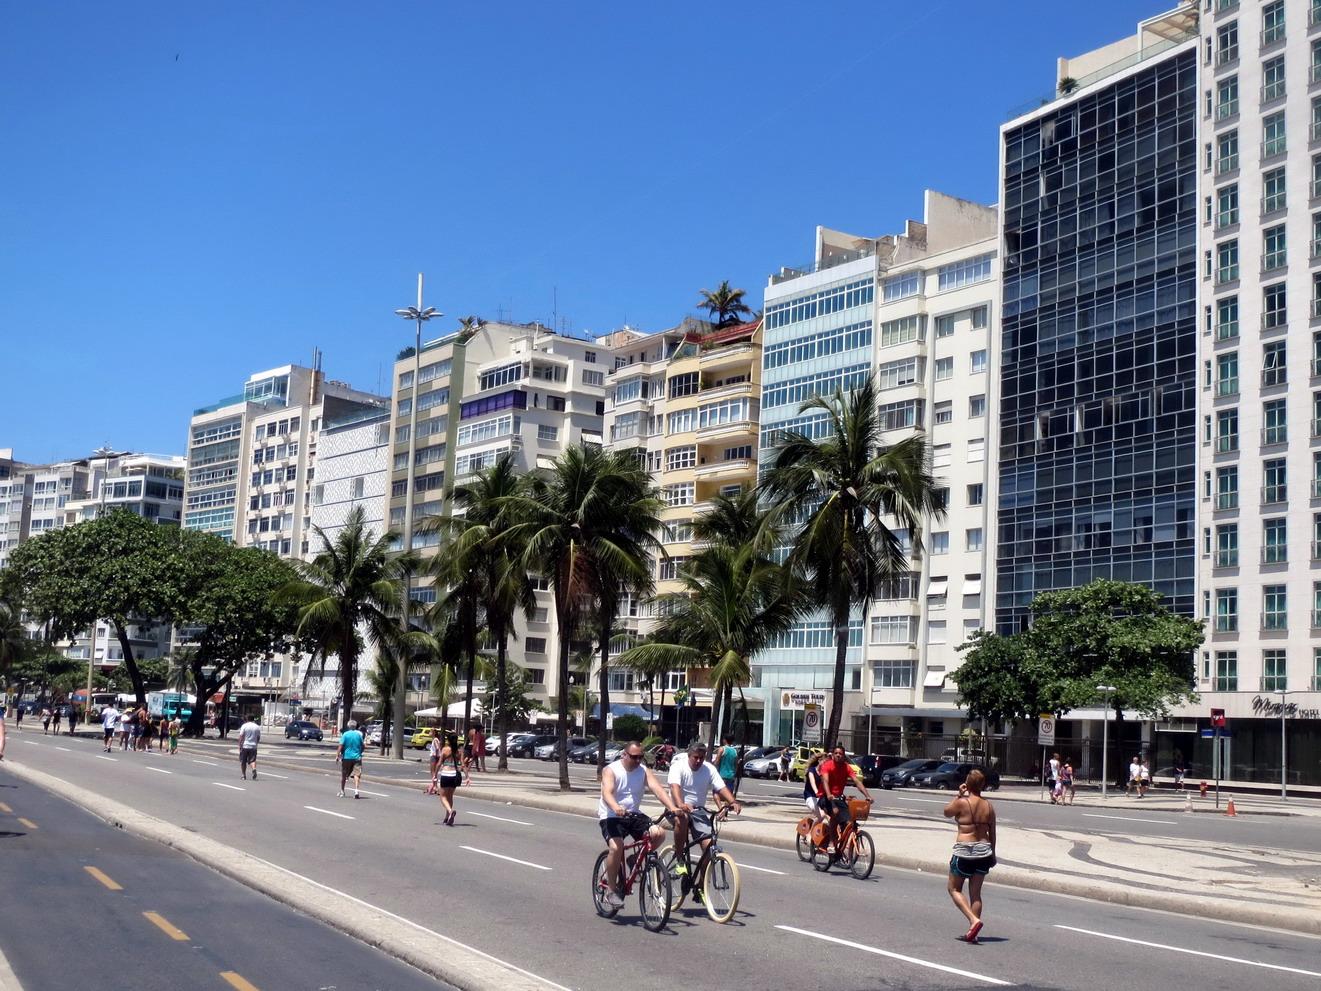 38. Plage de Copacabana, les avenues ont été libérées des voitures